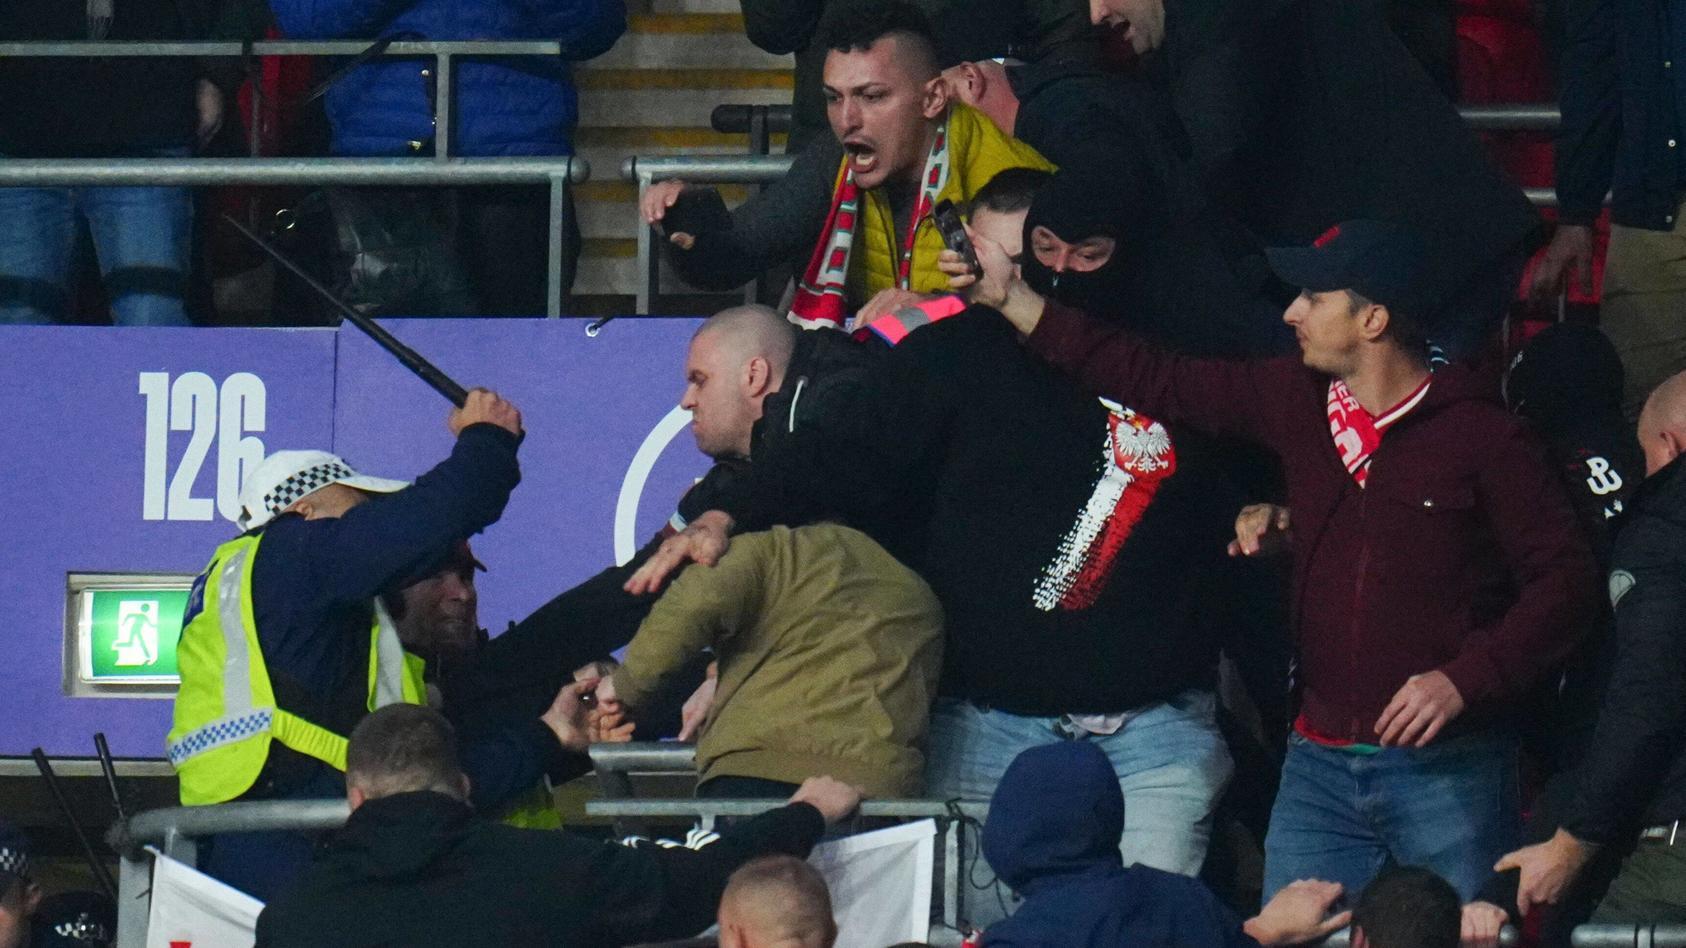 Ungarische Fans und die Polizei geraten in Wembley aneinander